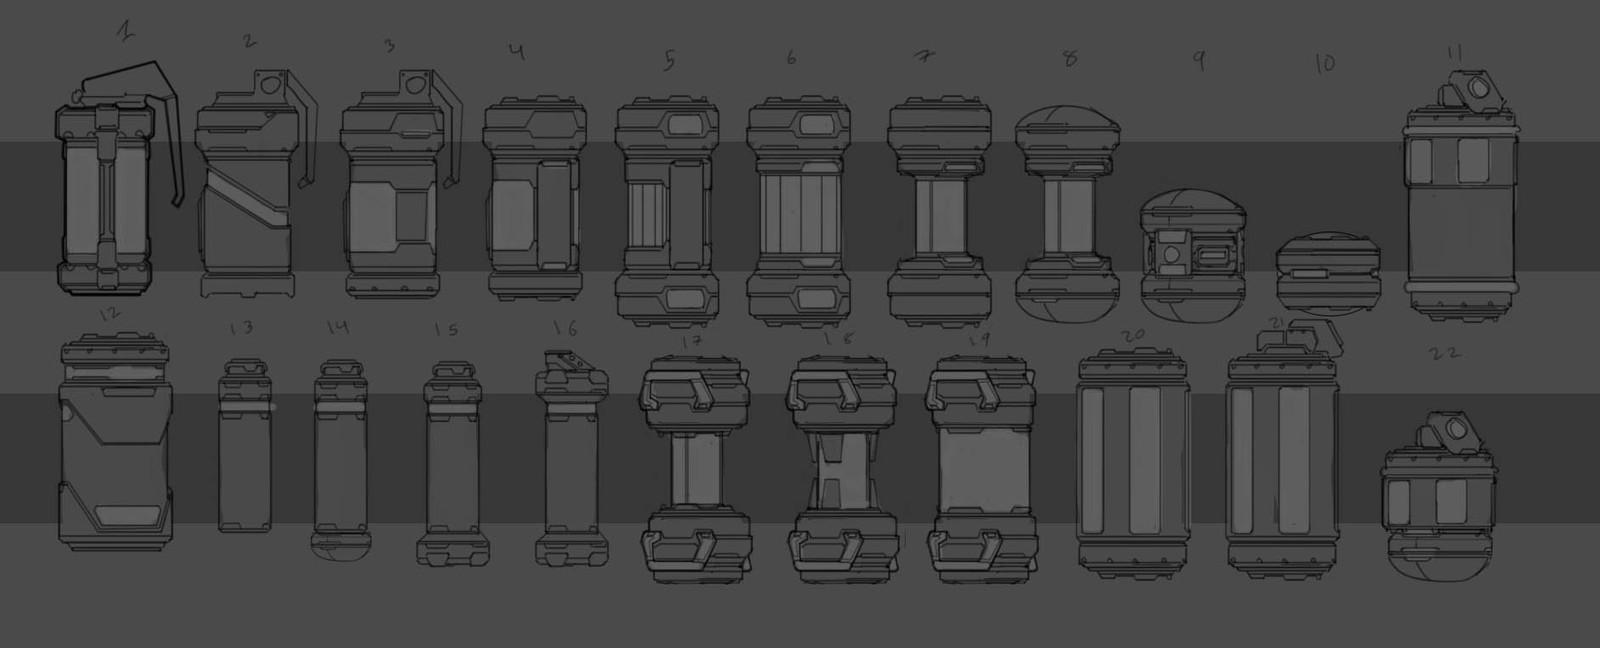 Grenade concepts